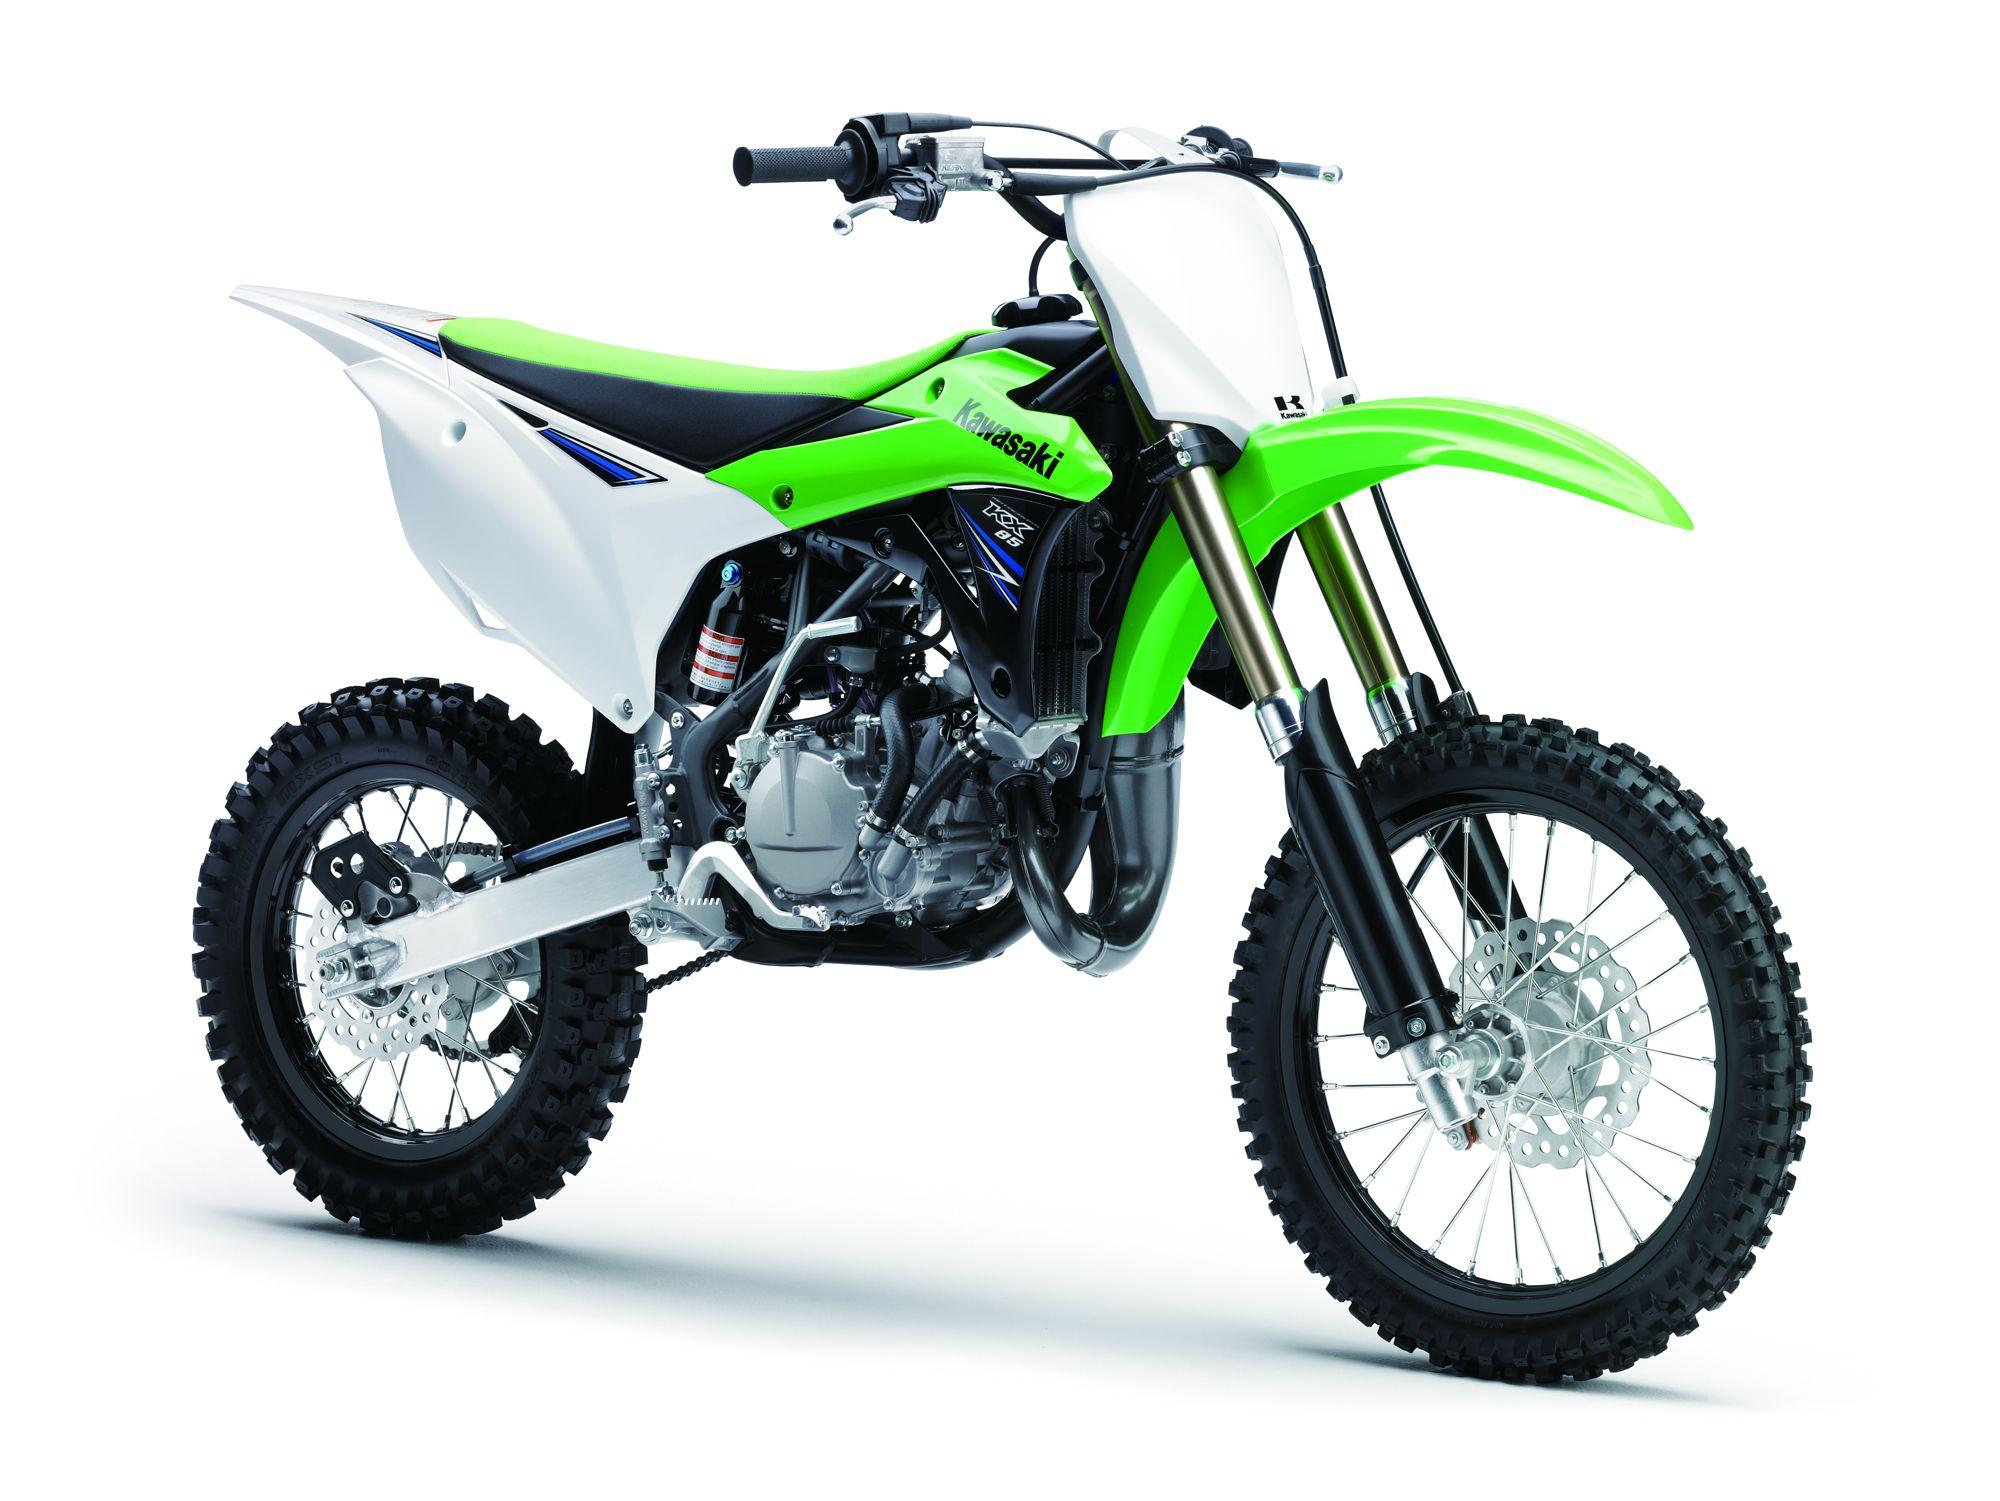 Gebrauchte Kawasaki KX 85 Motorräder kaufen